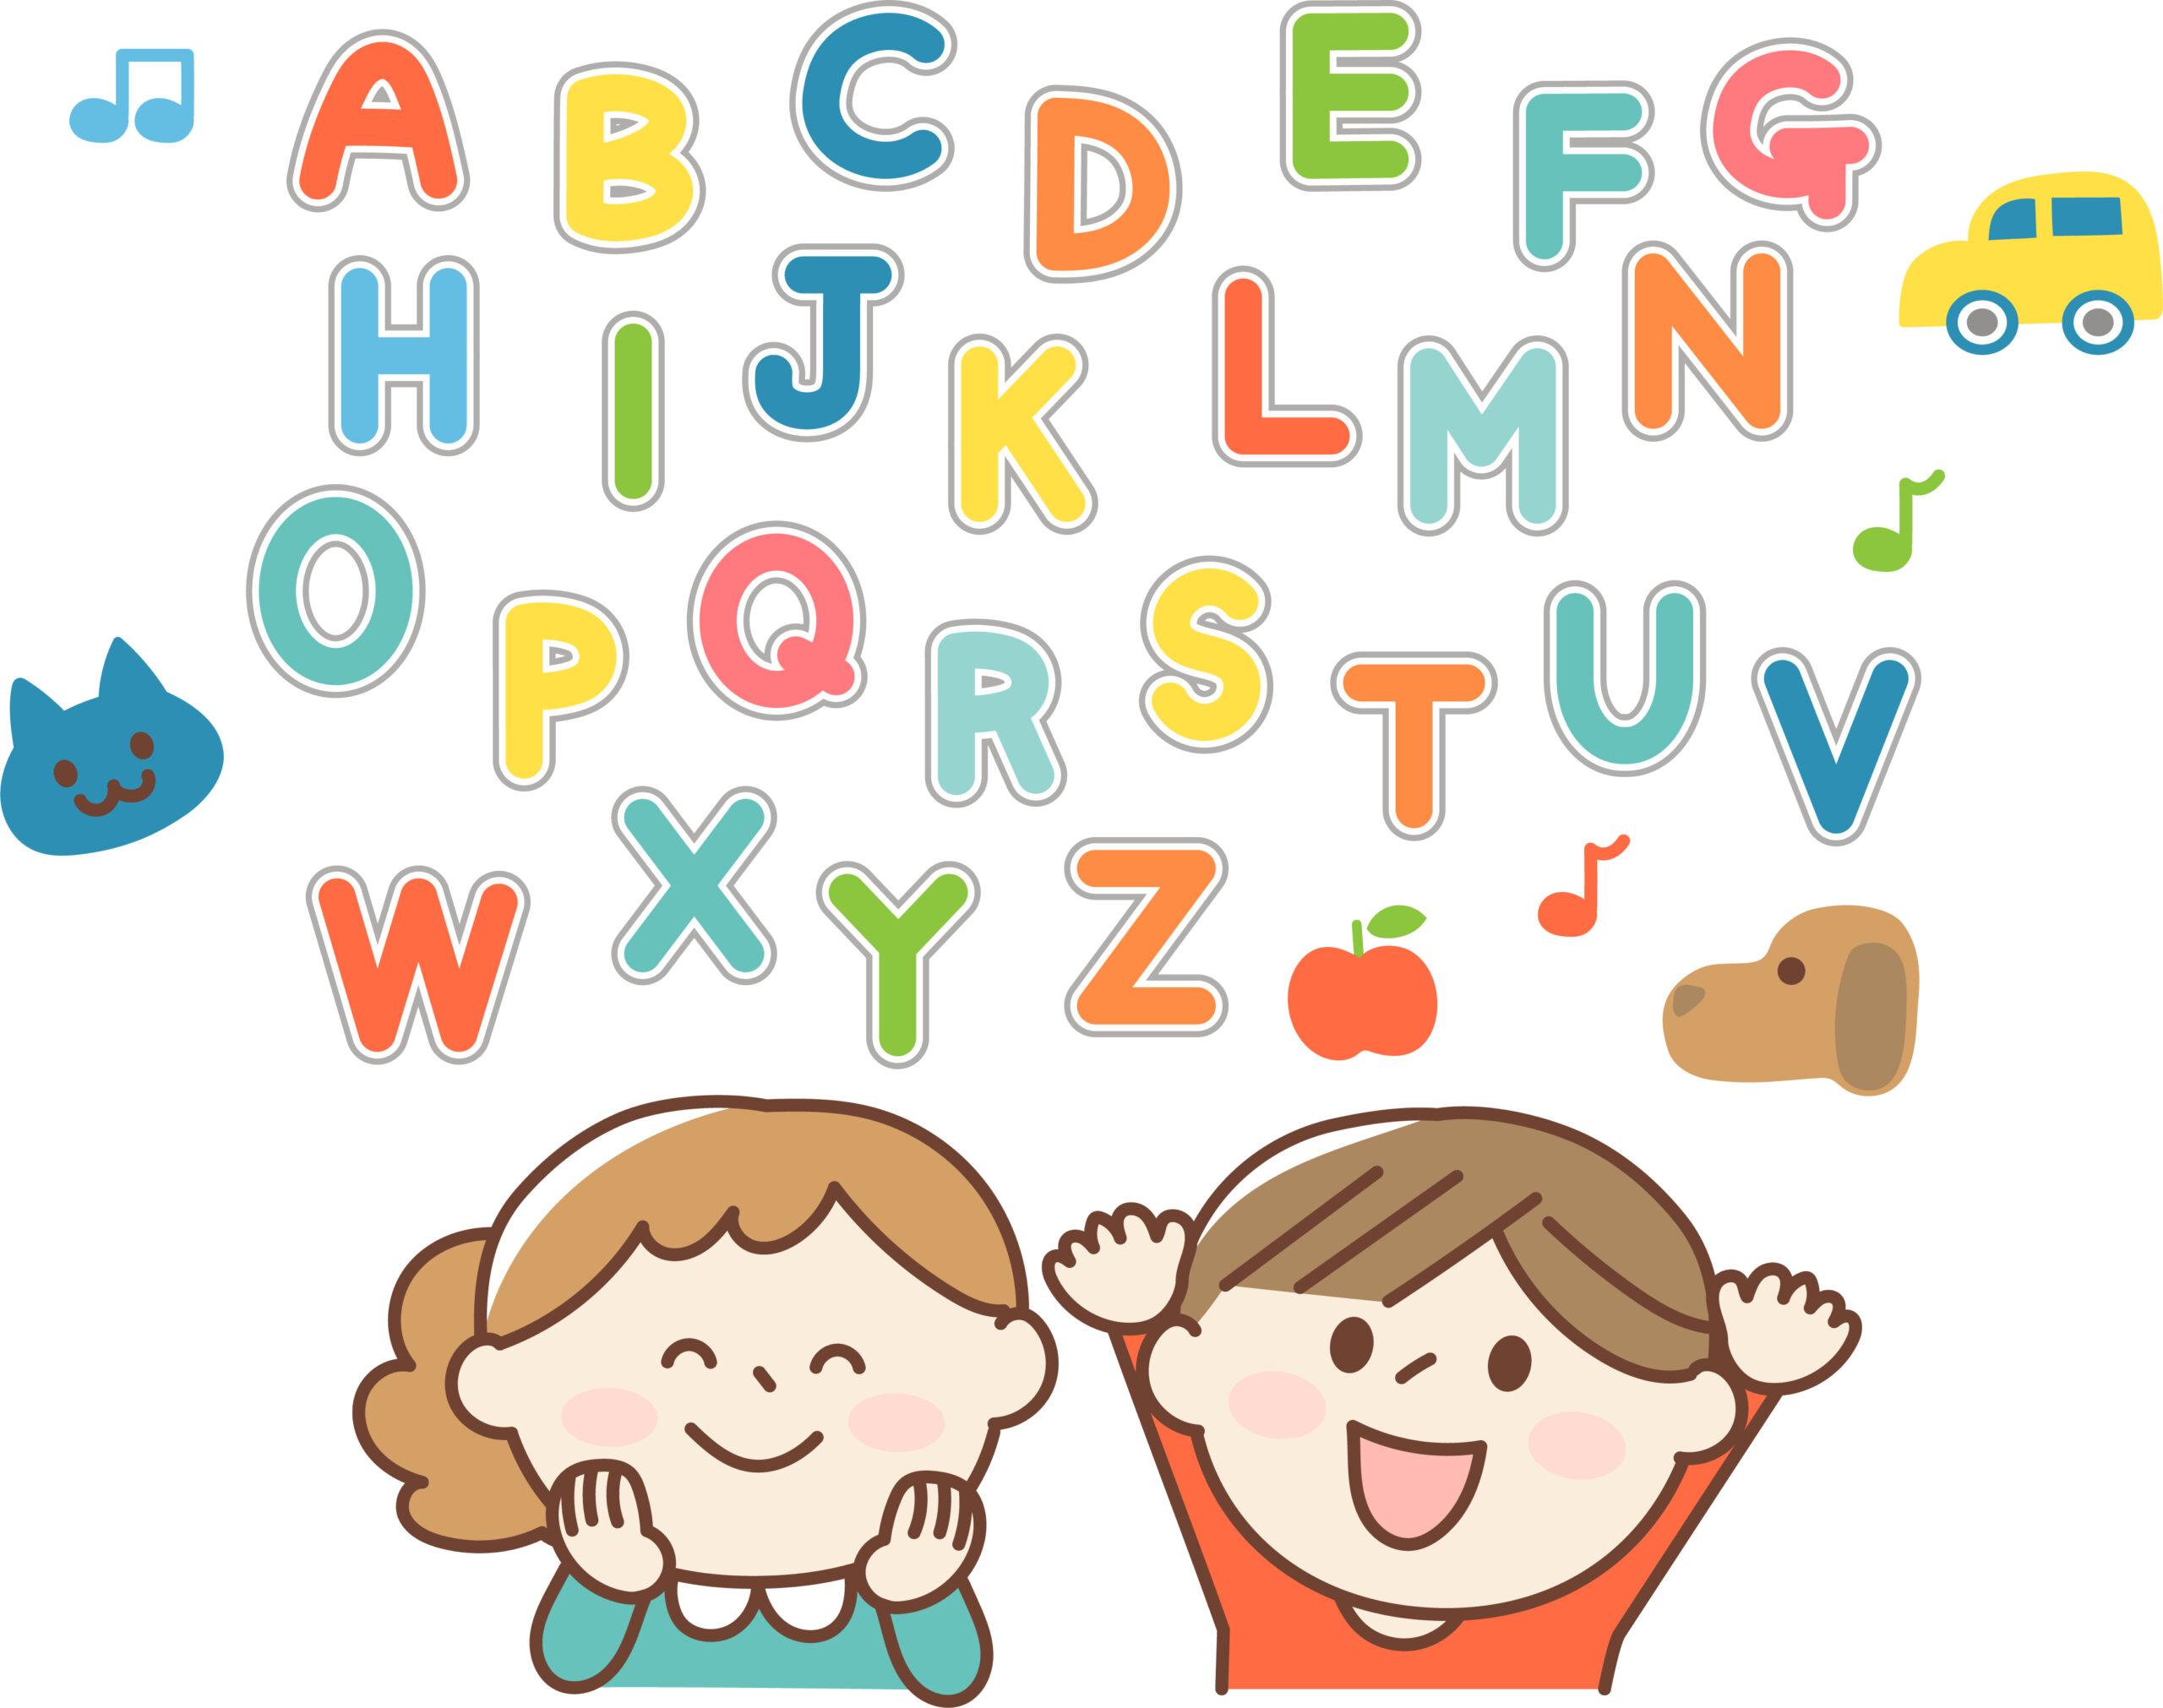 お子さんの英語学習にお役に立つご案内です!